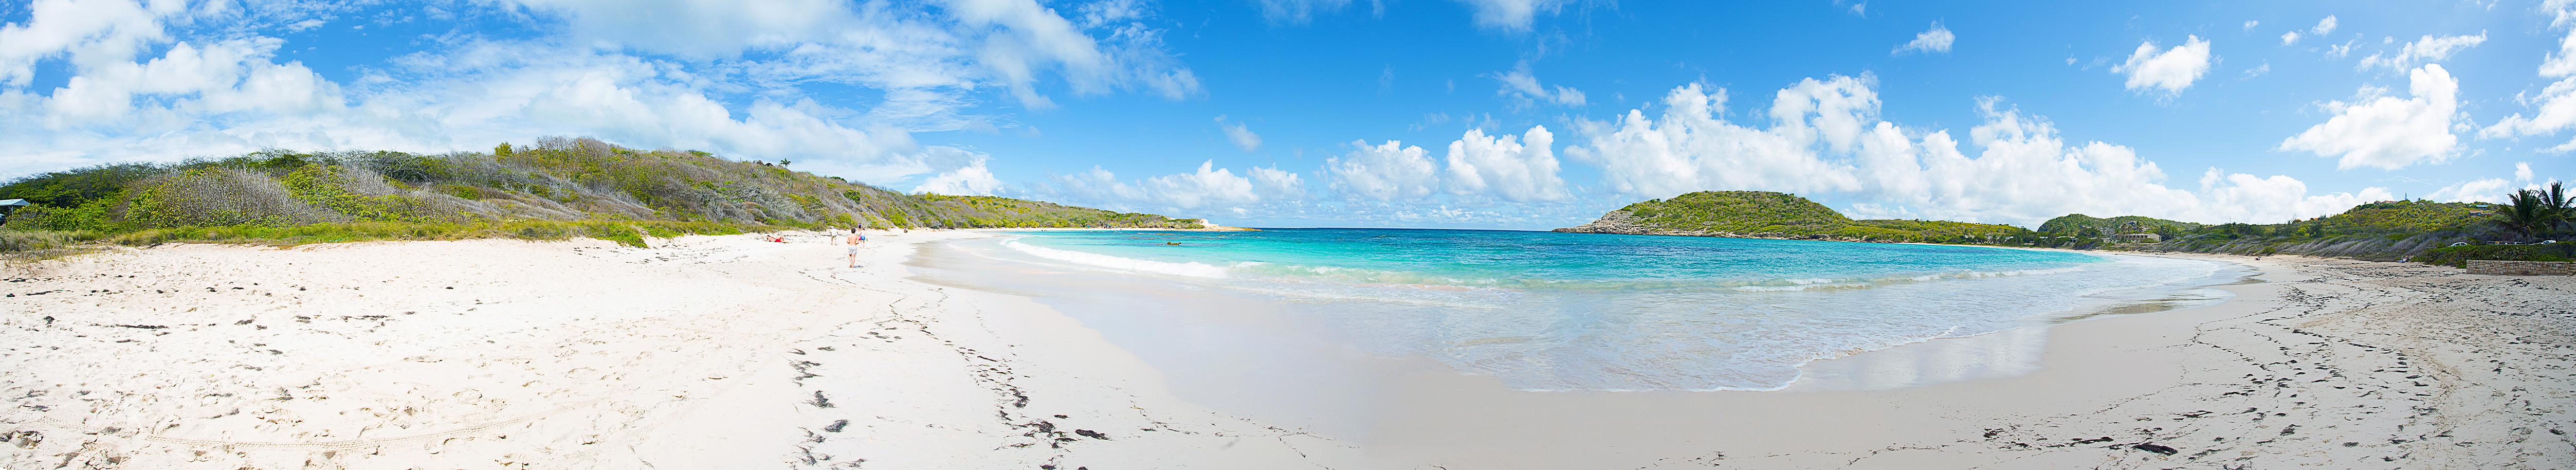 Beach panoramic photography